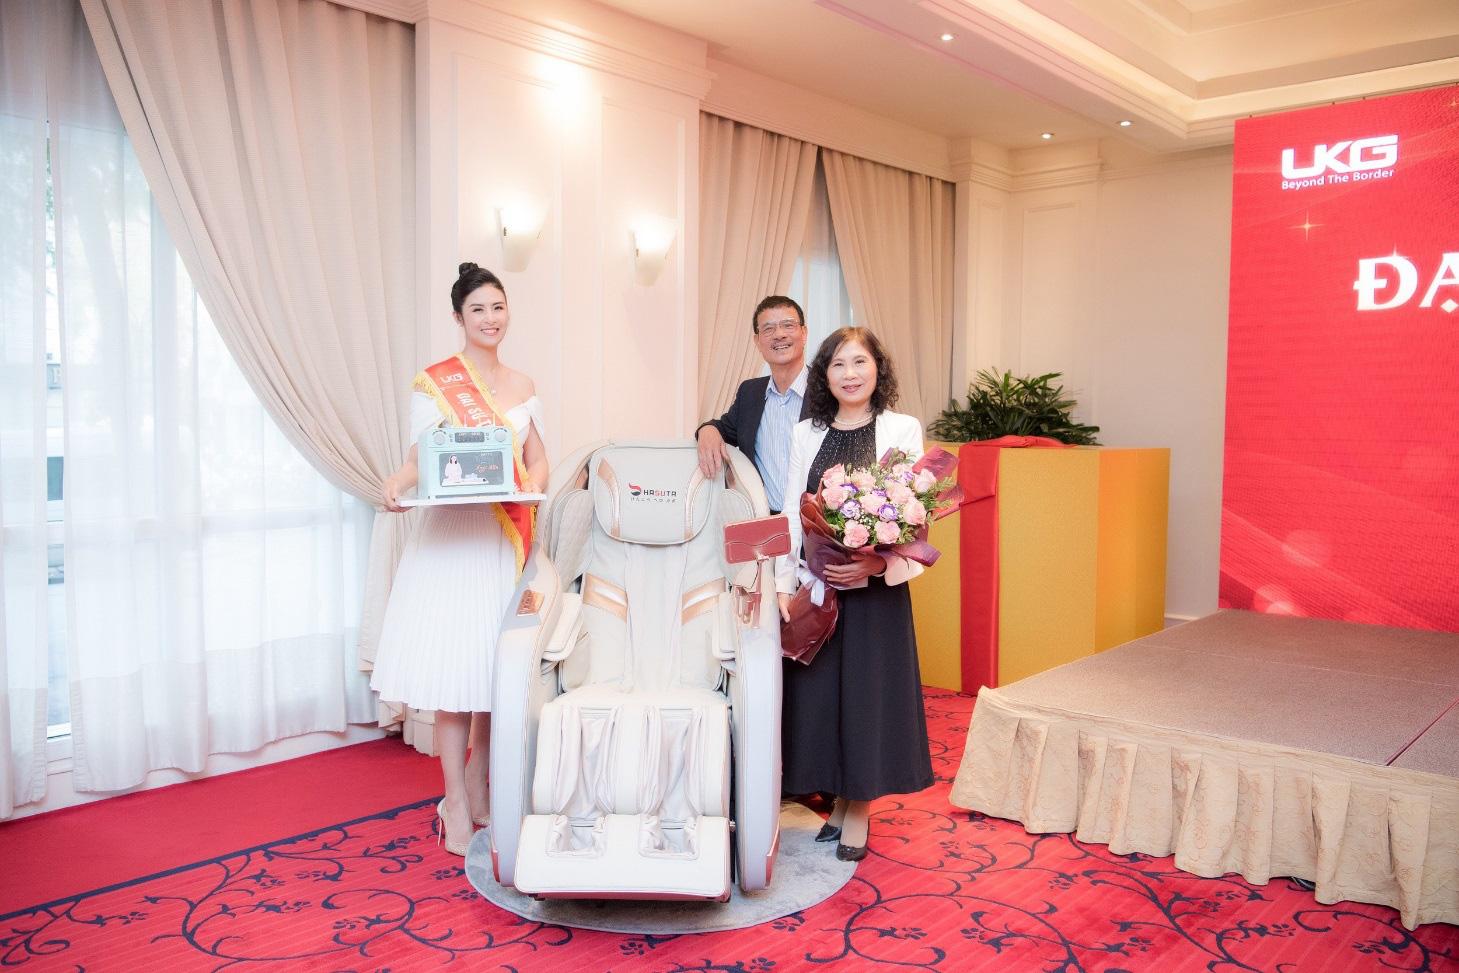 Hoa hậu Ngọc Hân tặng cha mẹ ghế massage Hasuta như món quà sức khỏe - Ảnh 1.